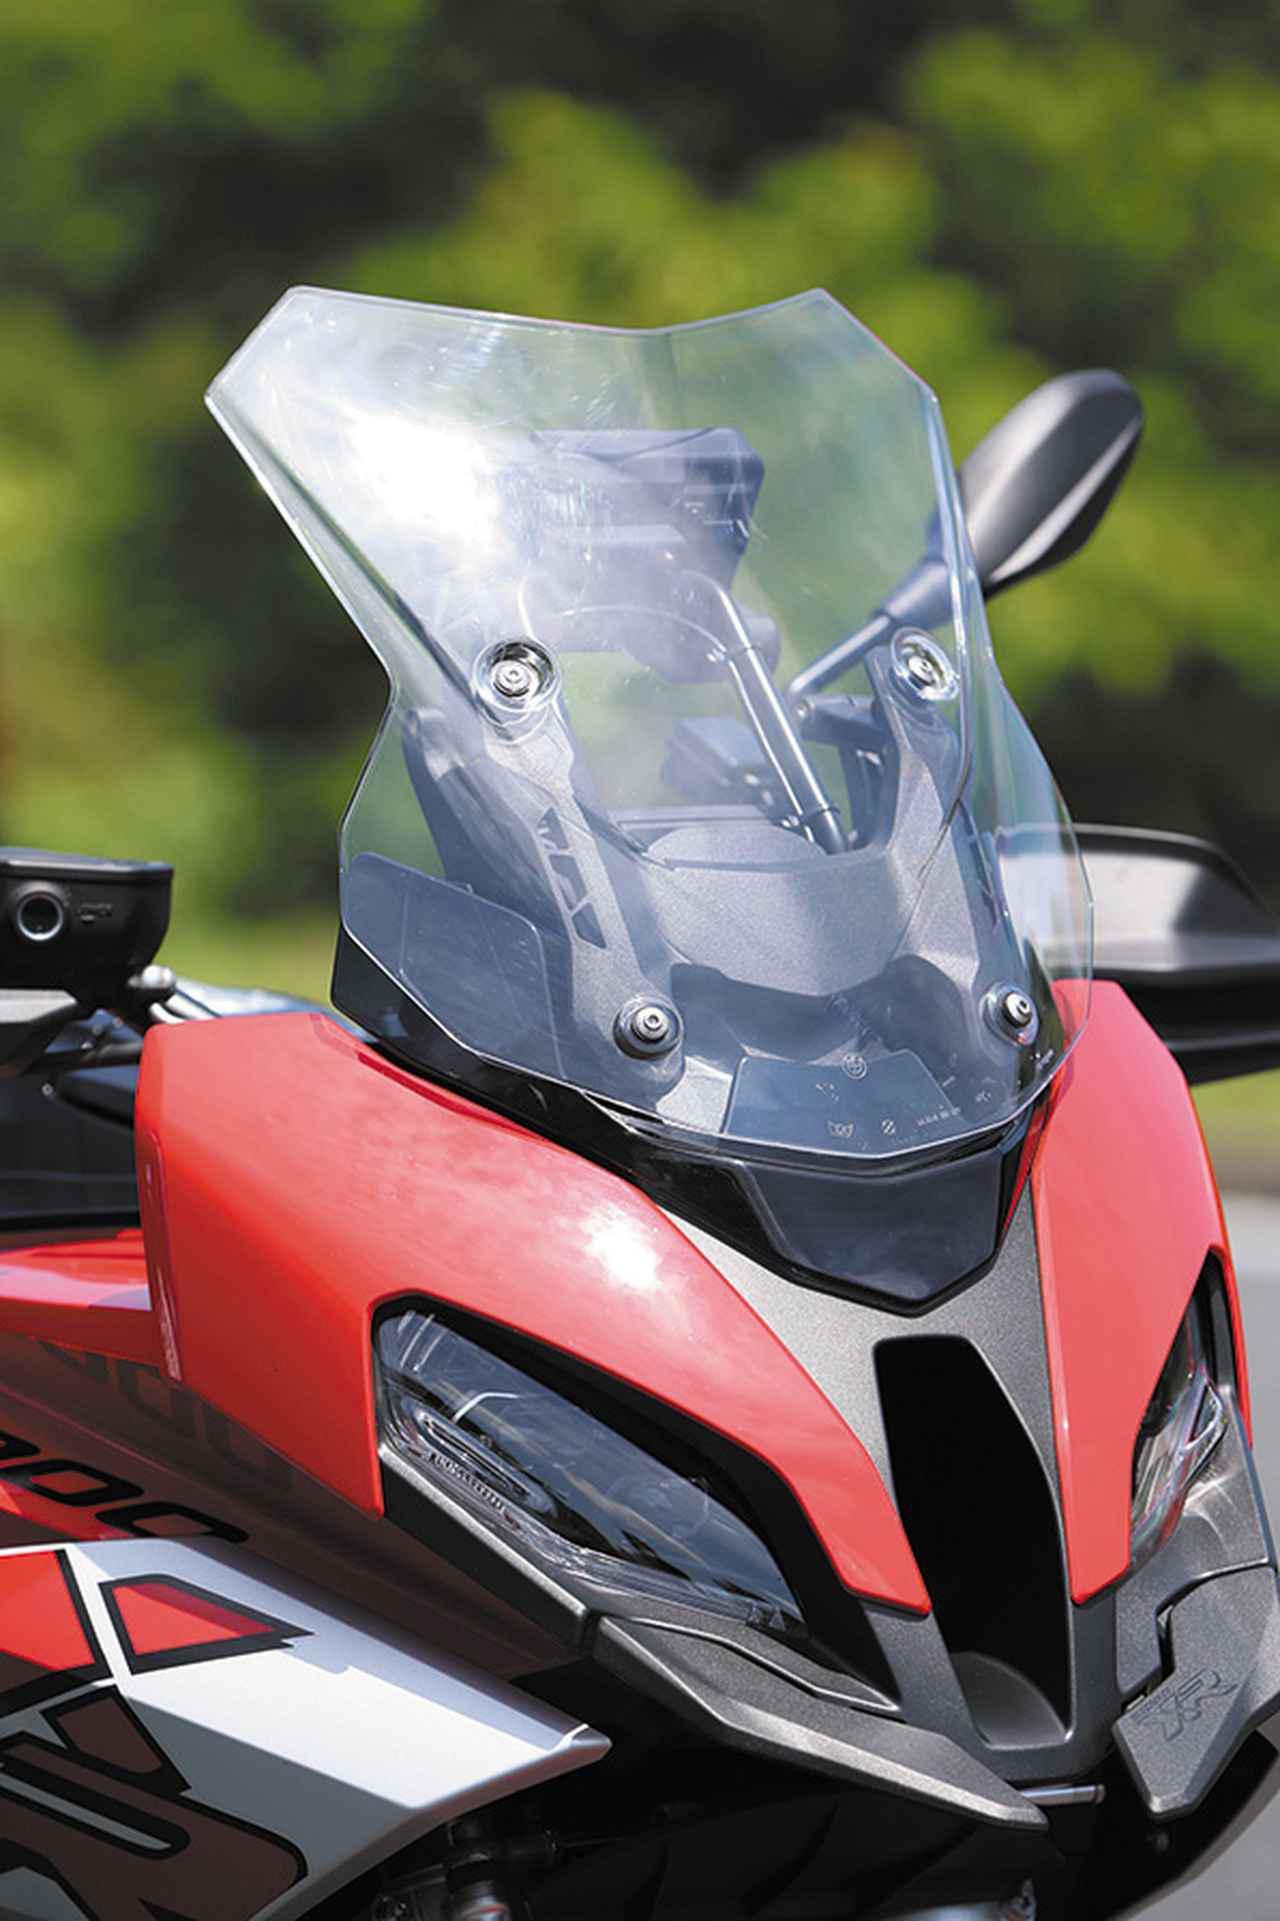 画像: ライダーを走行風からプロテクトするスクリーンはレバー操作で2段階に高さを変えられて、好みや状況に合わせて防風効果を調整可能だ。